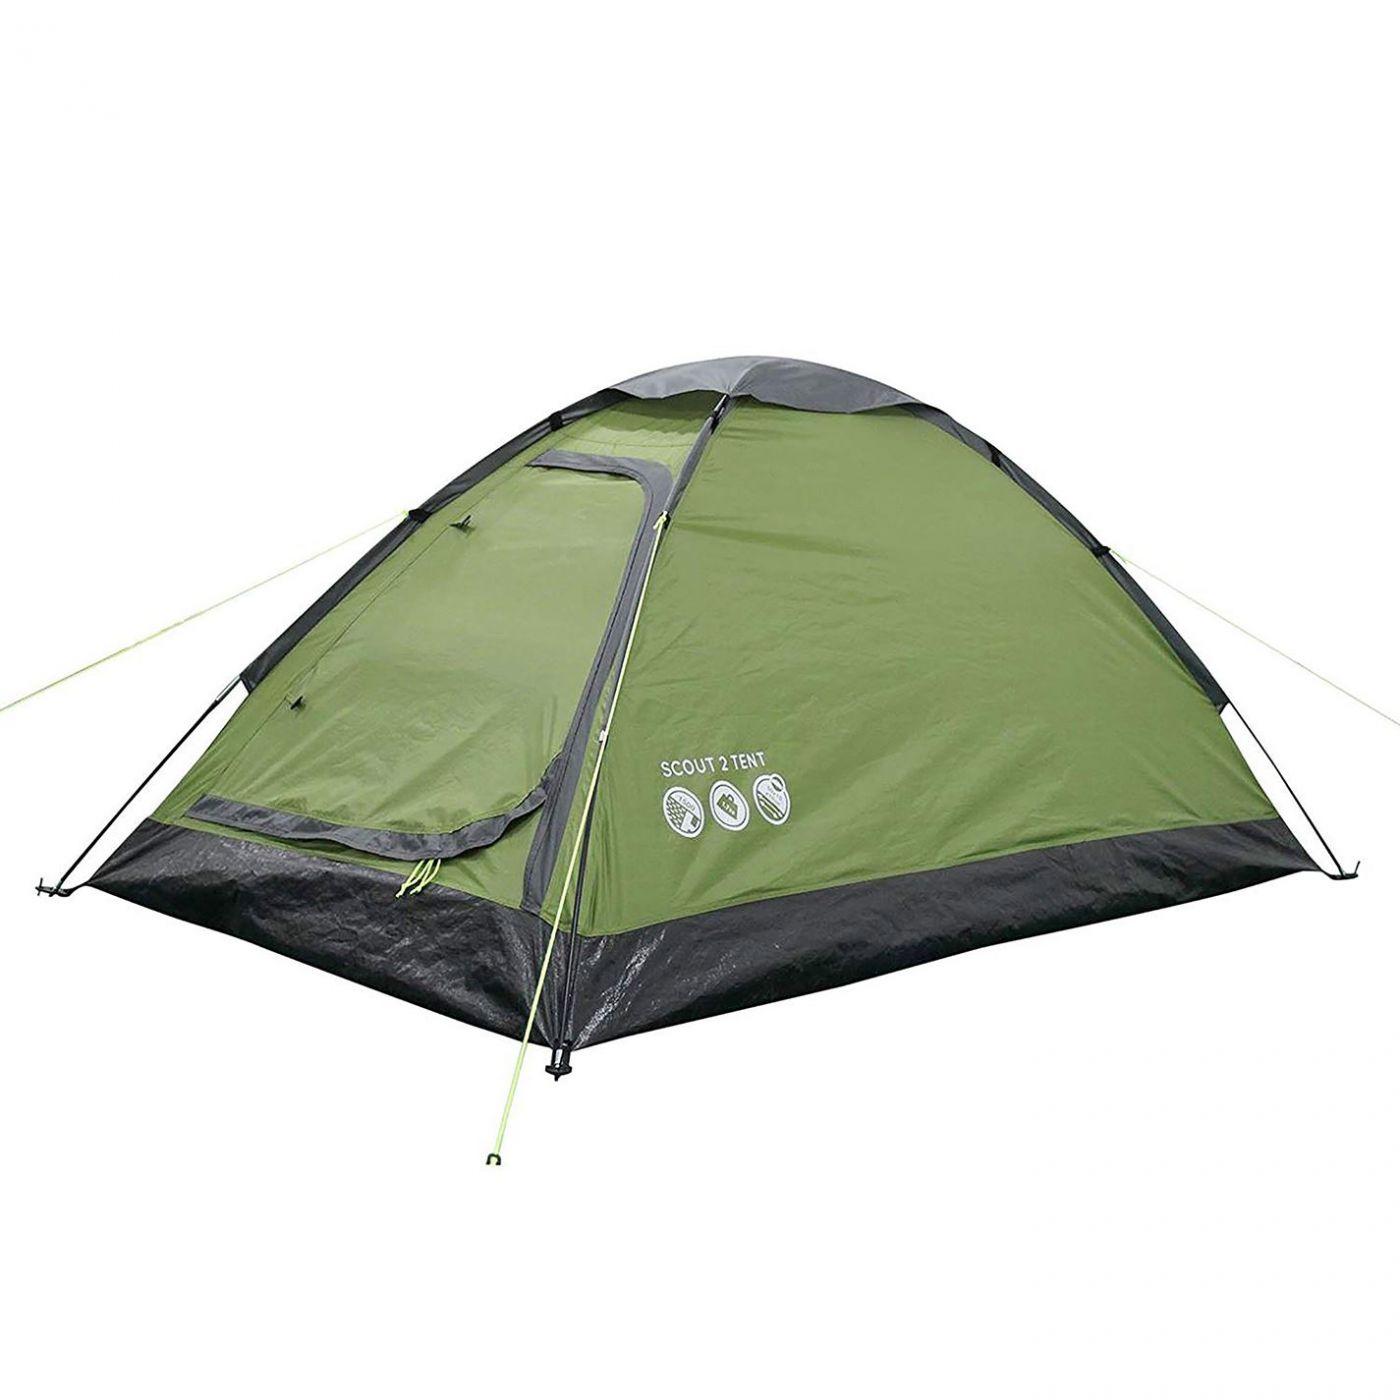 Gelert Scout 2 Tent